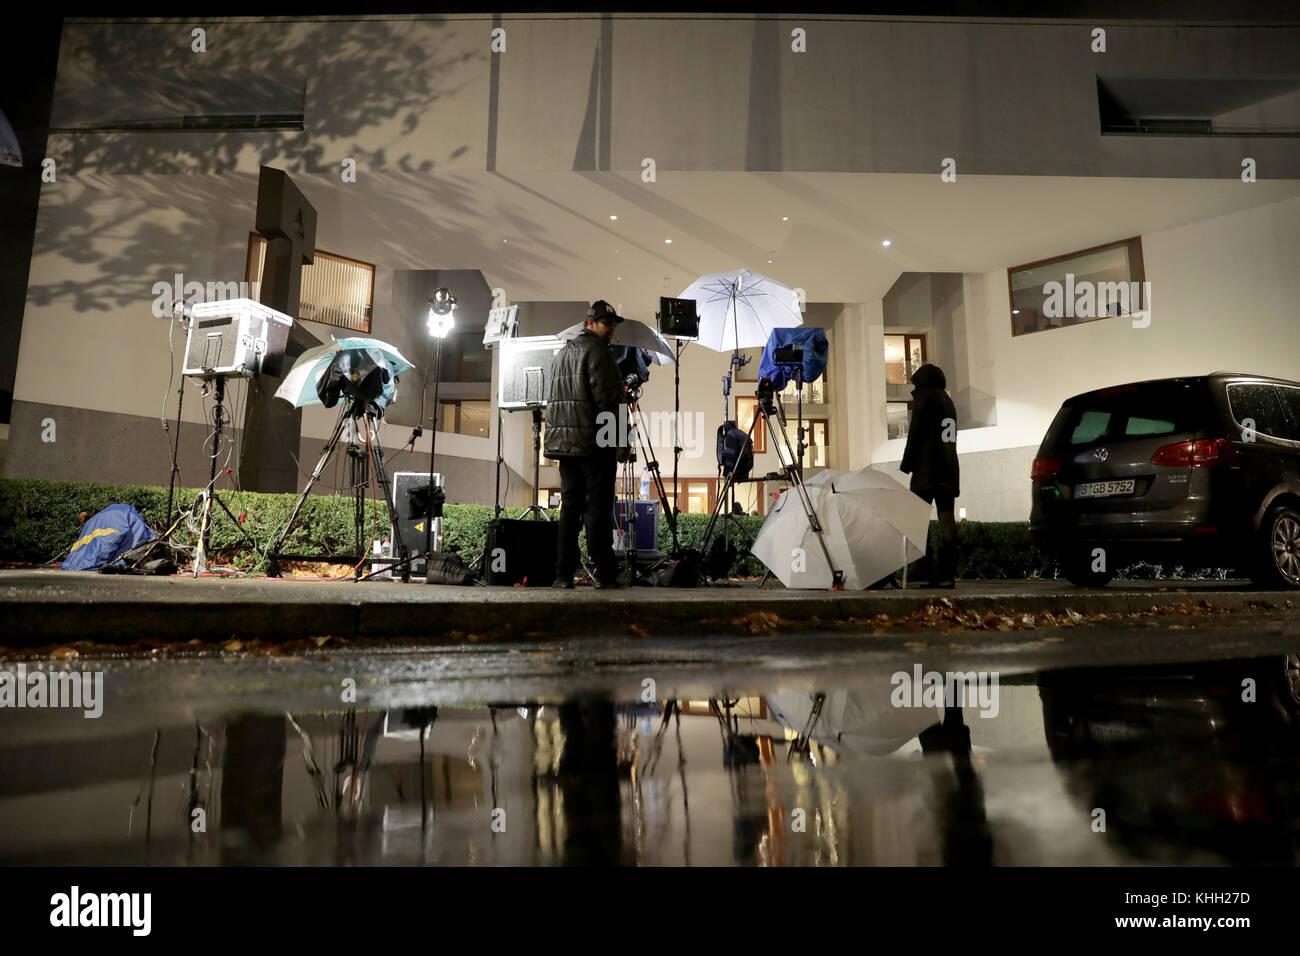 Berlin, Deutschland. 19 Nov, 2017. Reporter während der 'Jamaika' Sondierungsgespräche zwischen Stockbild